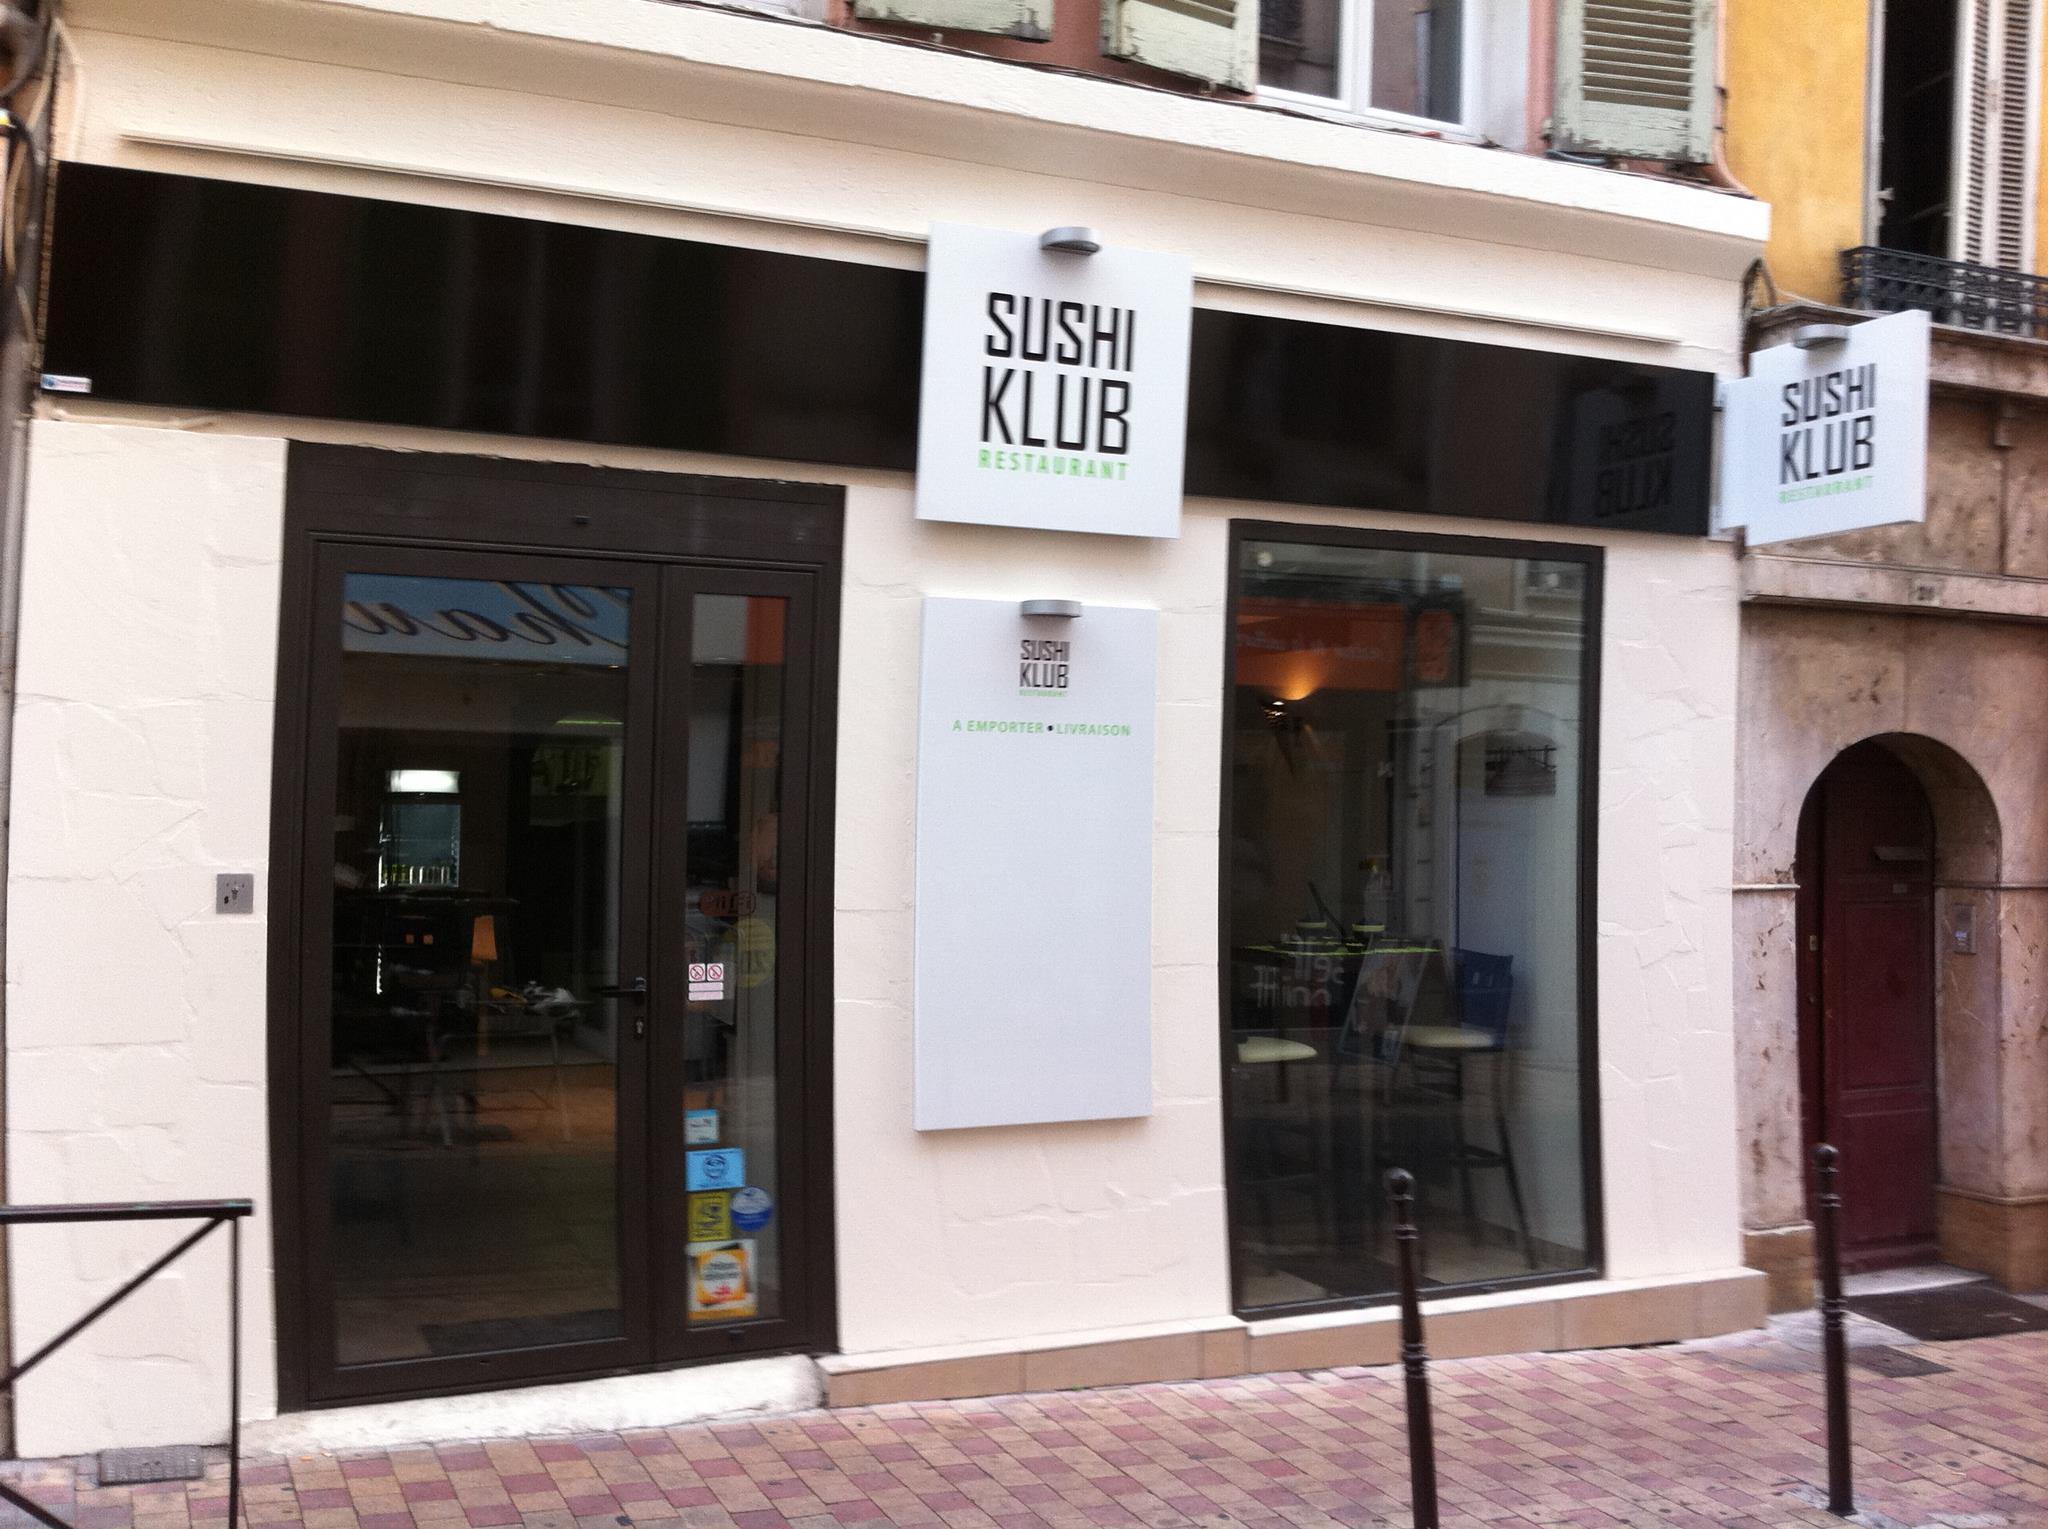 Restaurant Les Alpes Mancelles Fresnay sur sarthe # Sushi Bois Guillaume